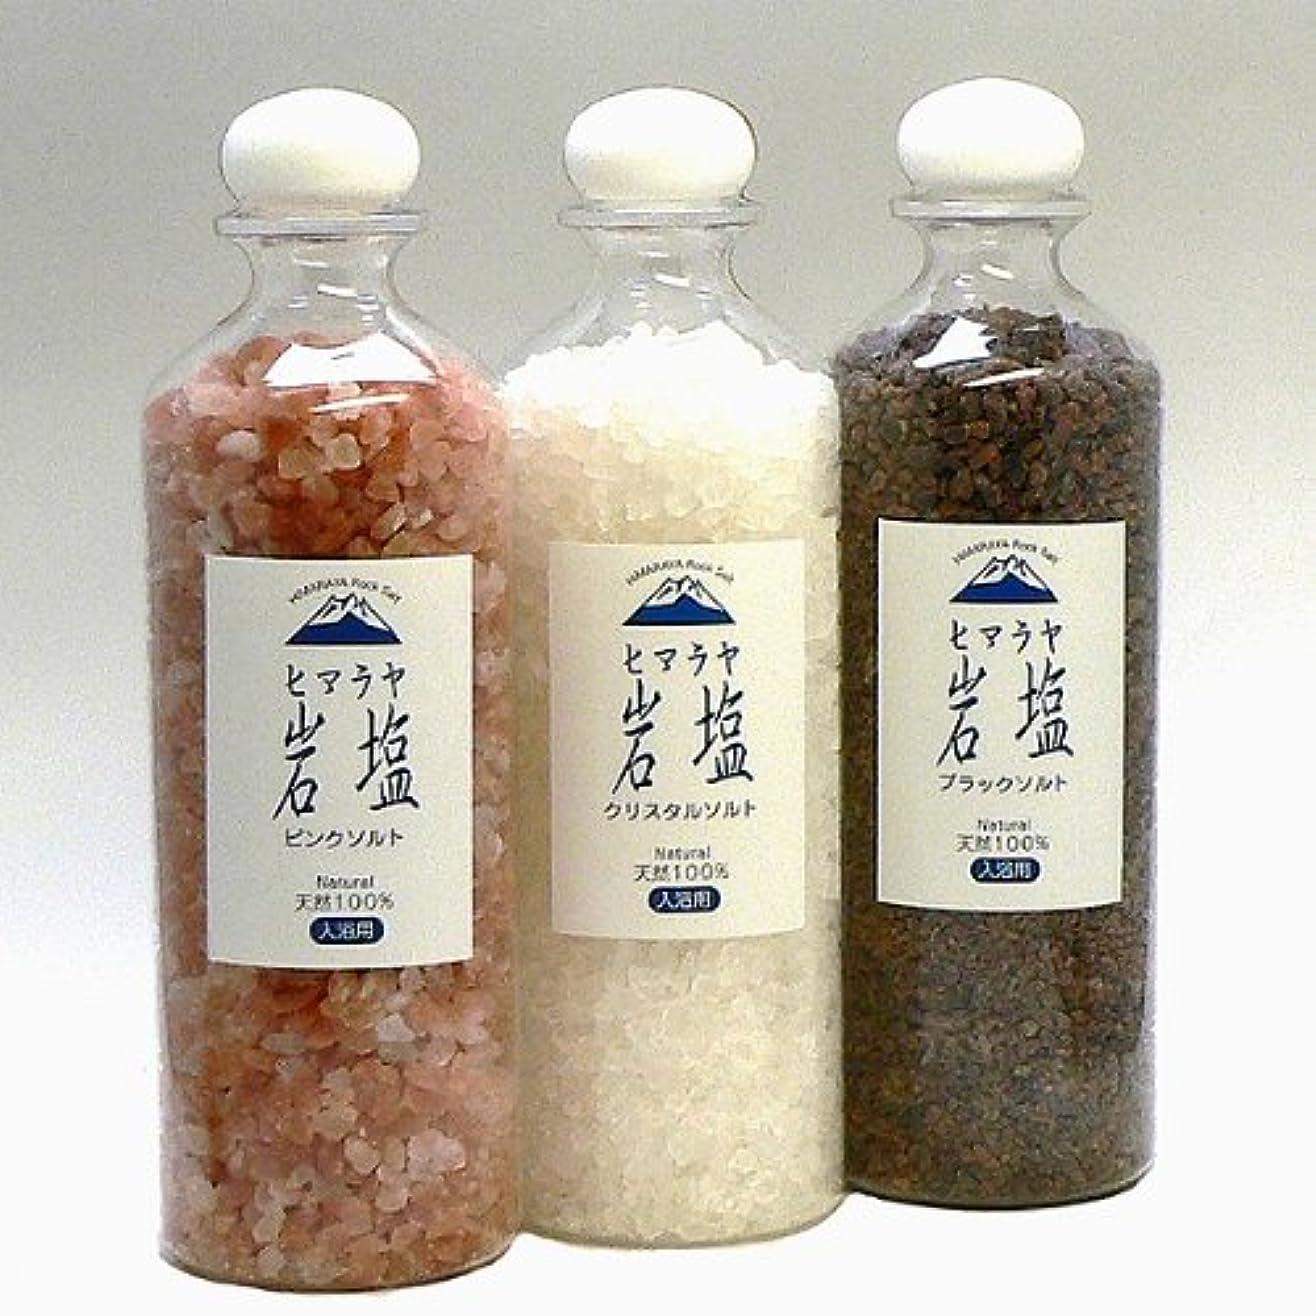 先史時代のクライストチャーチトライアスロンヒマラヤ岩塩(ピンク岩塩?クリスタル岩塩?ブラック岩塩)入浴用(小粒)ボトル入りセット